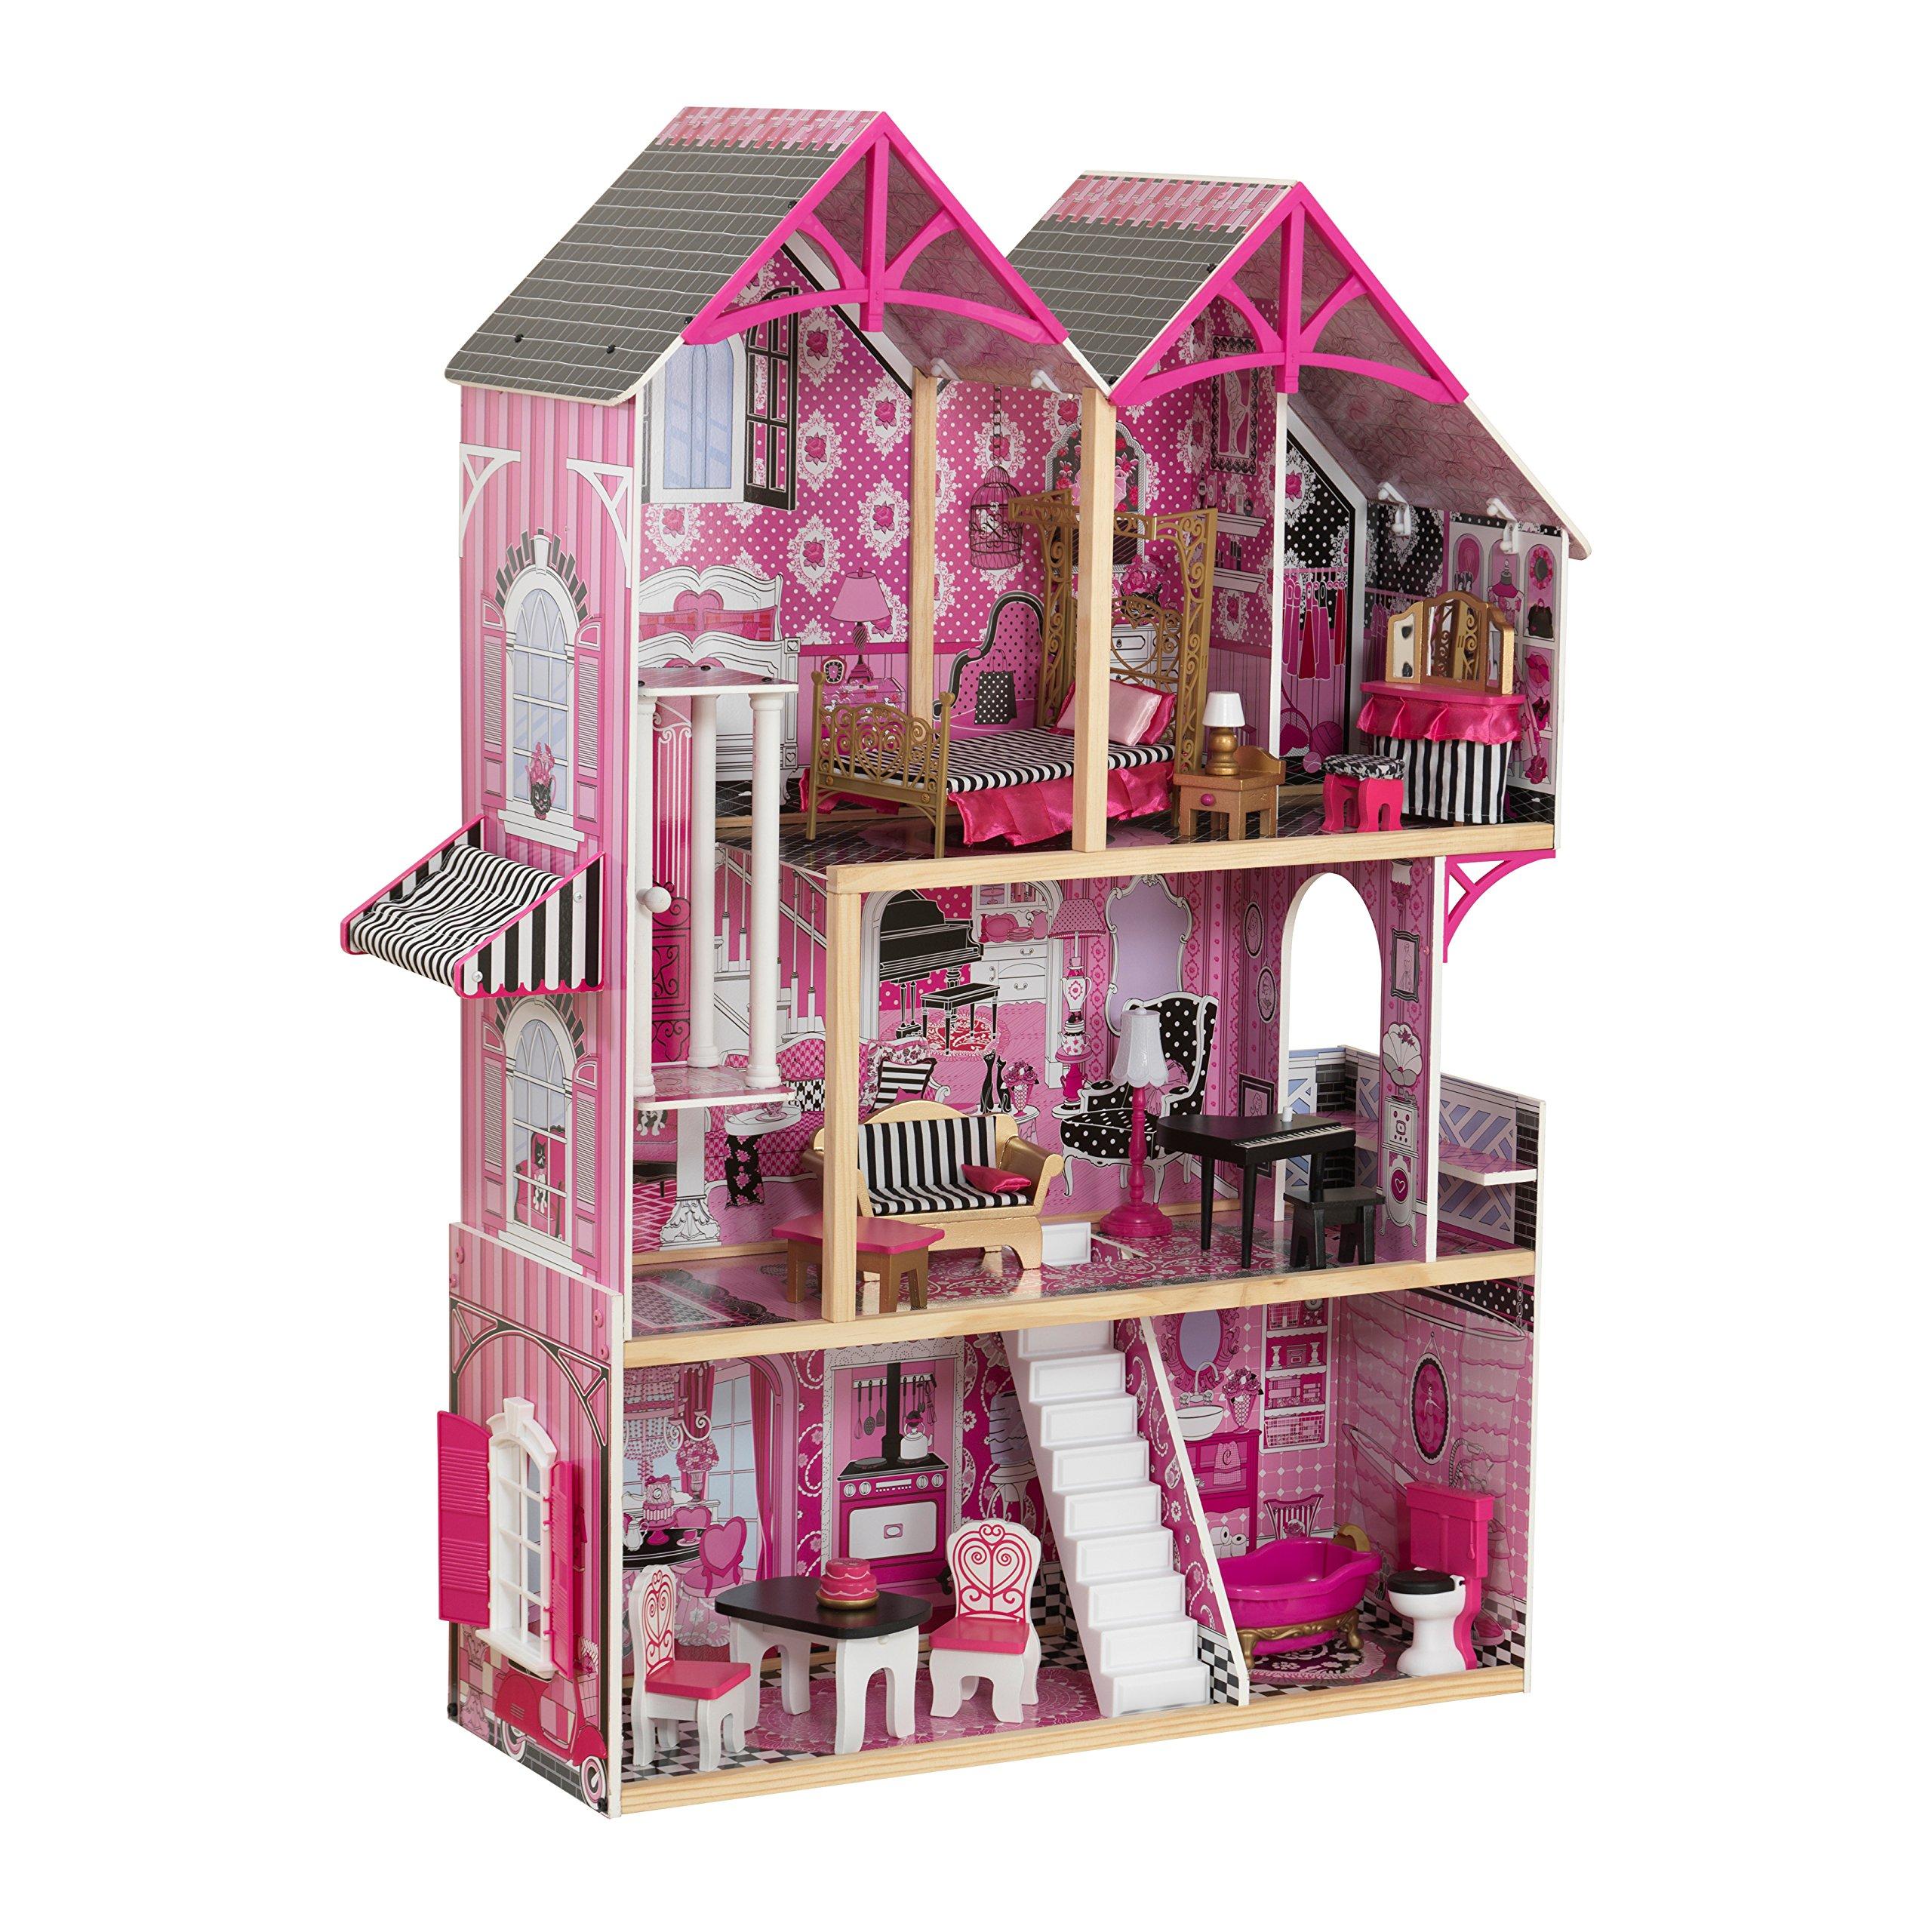 KidKraft 65944 Casa de muñecas de madera Bella para muñecas de 30 cm con 16 accesorios